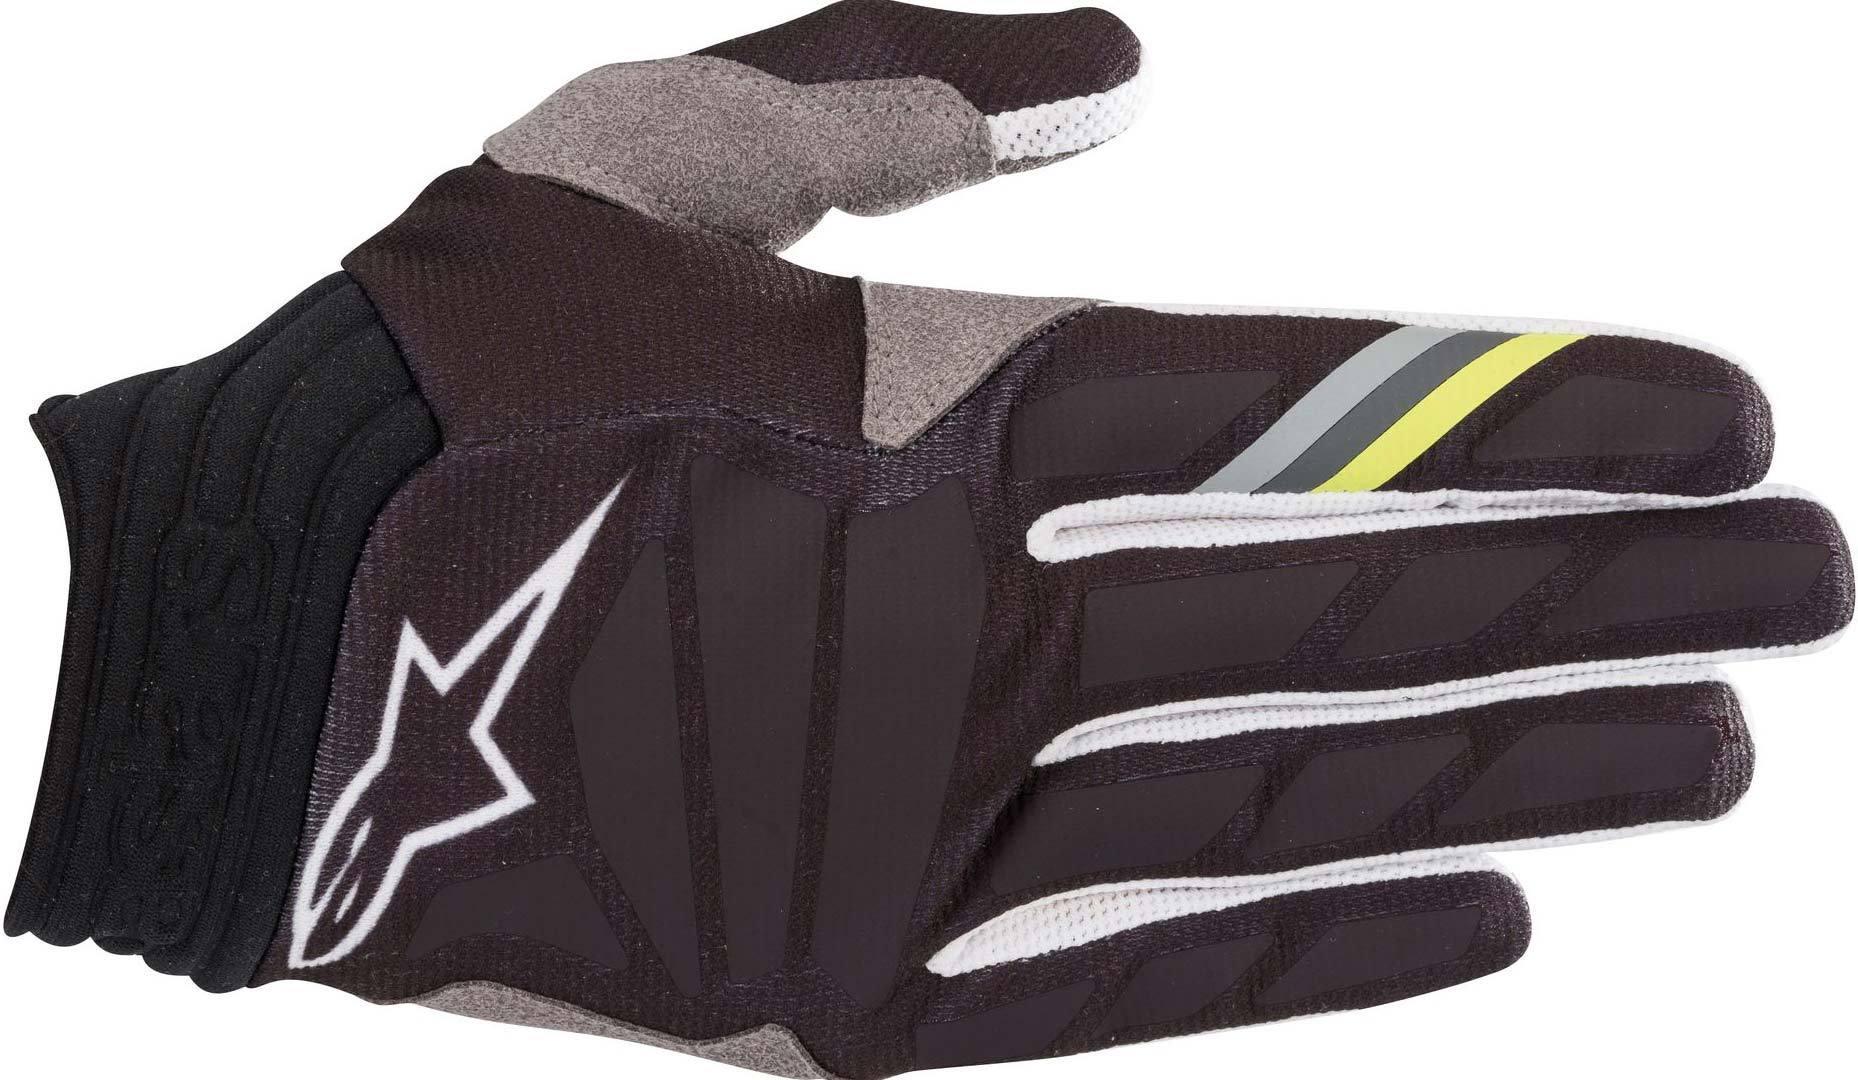 Alpinestars Aviator Motocross Gloves Black Grey S